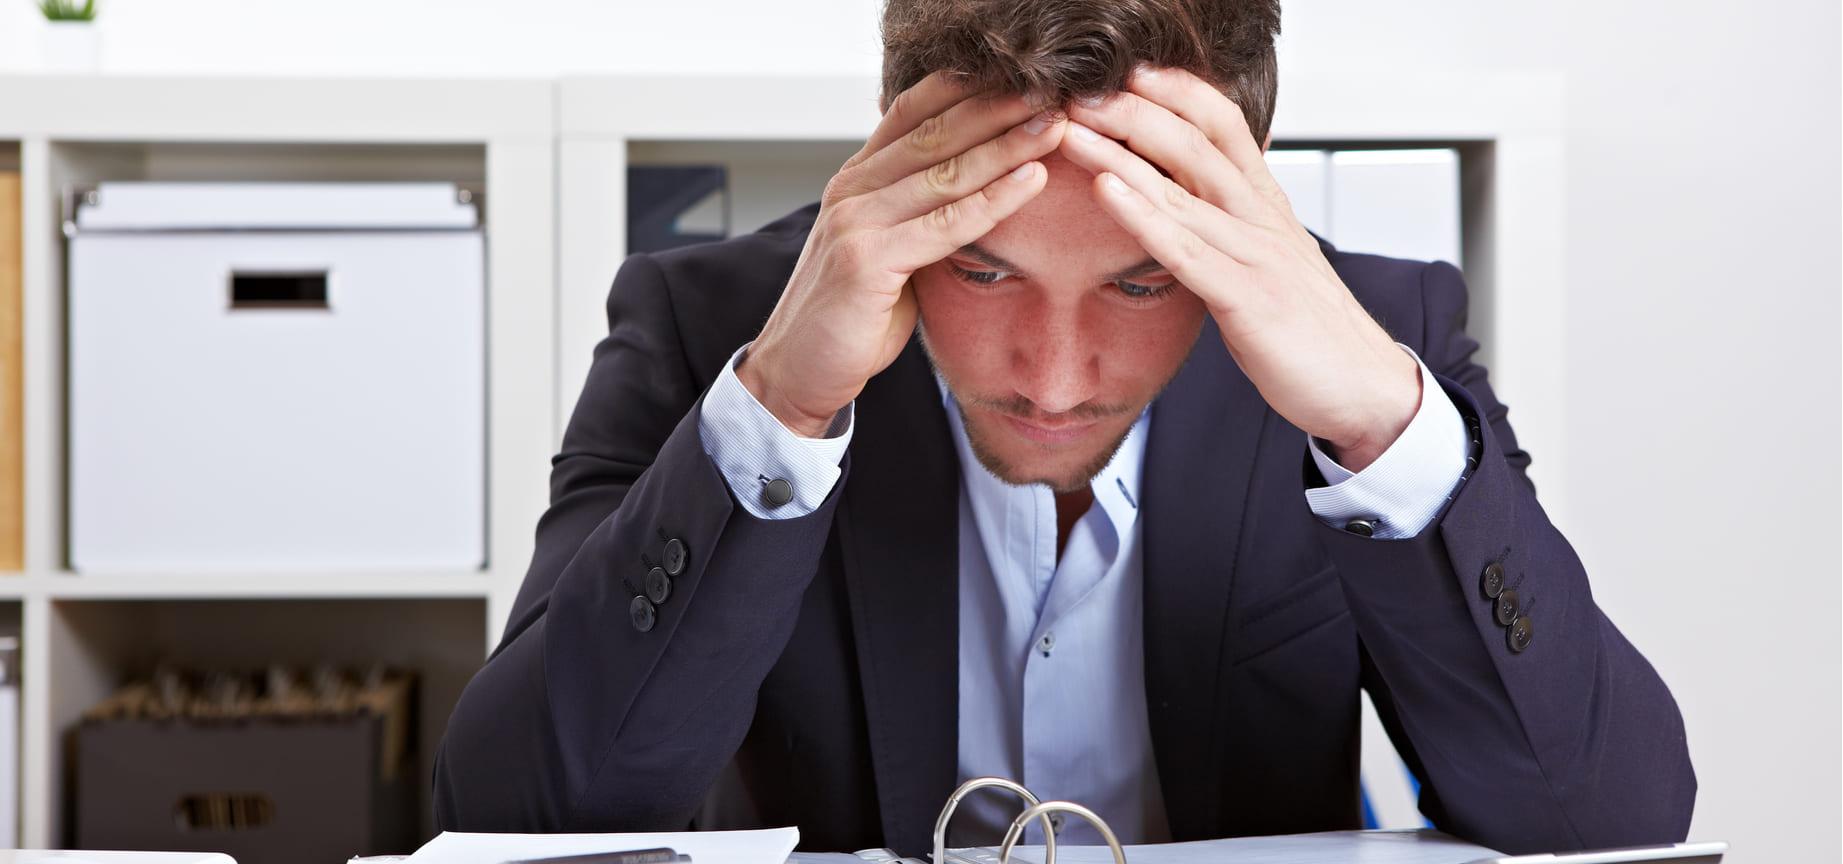 Ira y estrés mental podrían complicar gravemente la insuficiencia cardíaca